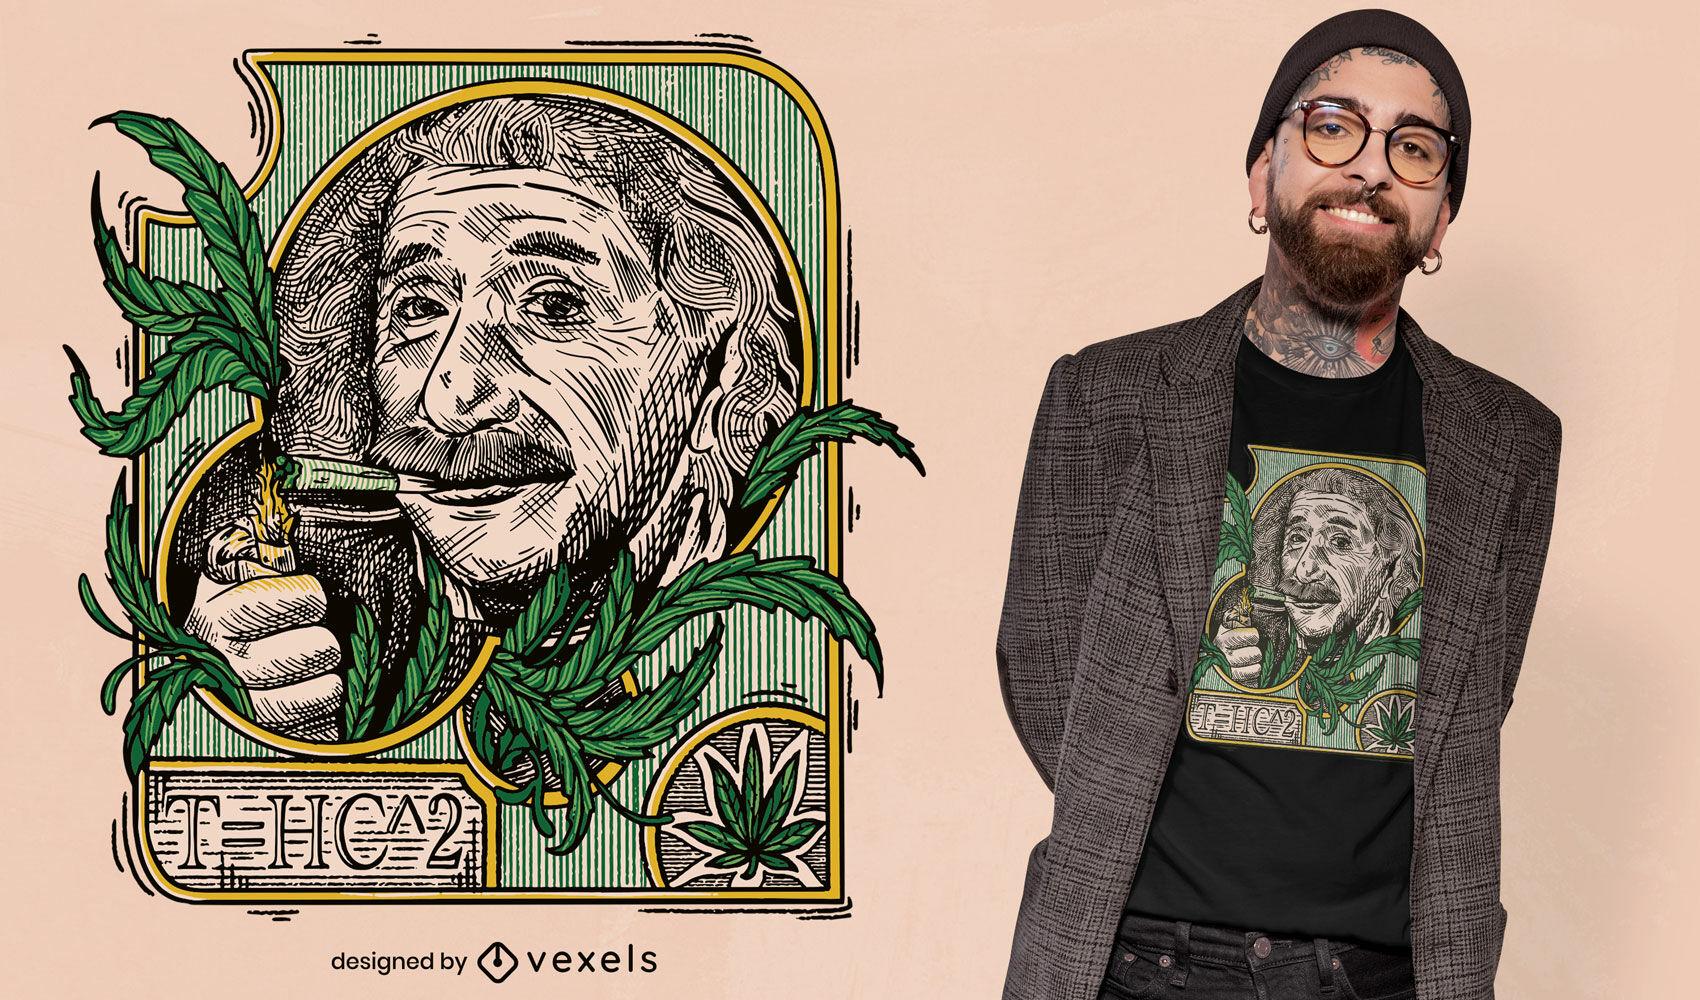 Dise?o de camiseta Einstein smoking weed